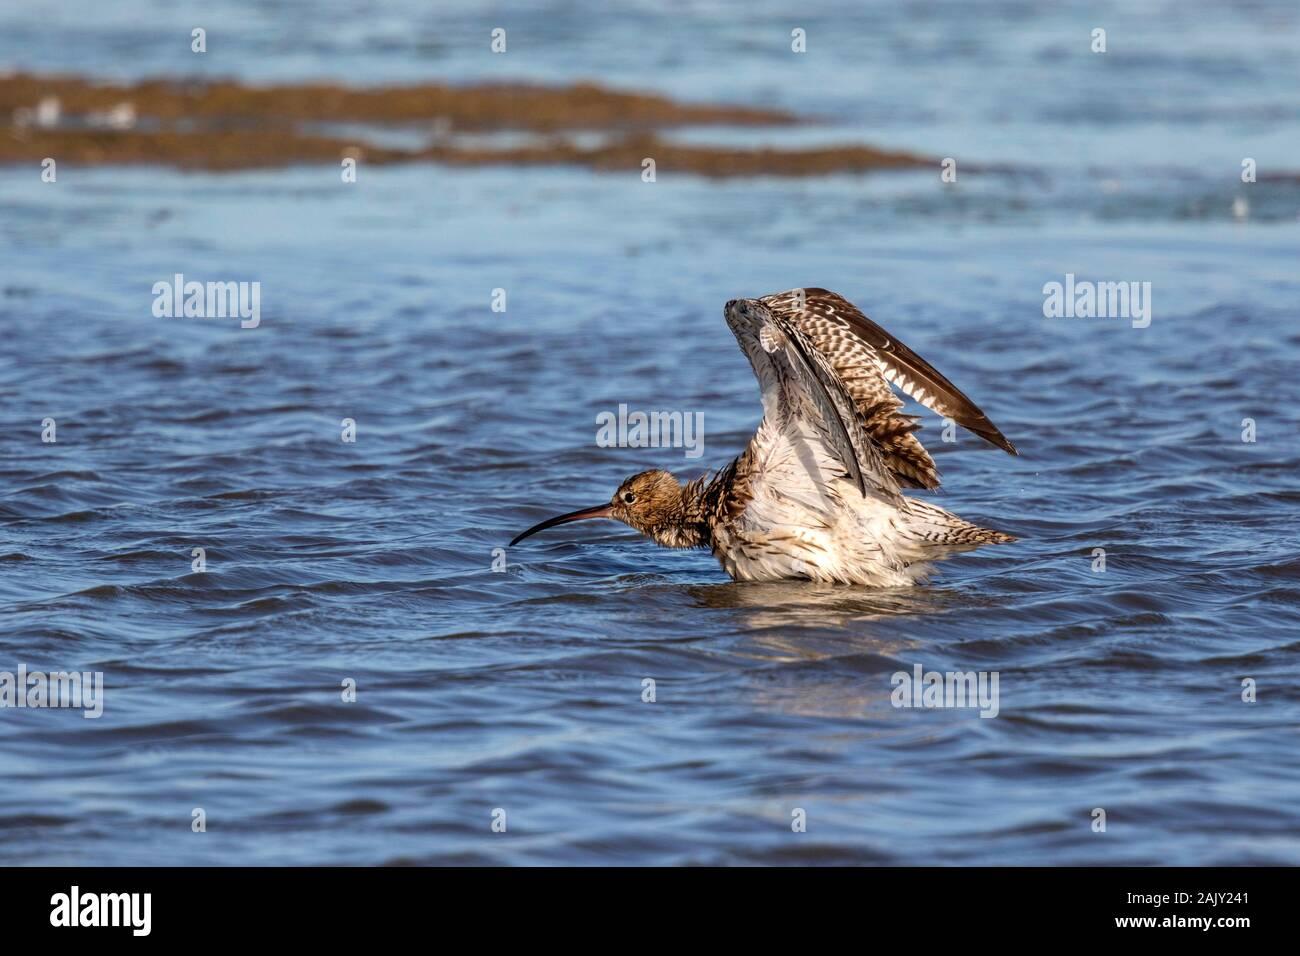 Curlew lavado en agua dulce, Deepdale Marsh en Norfolk. Foto de stock